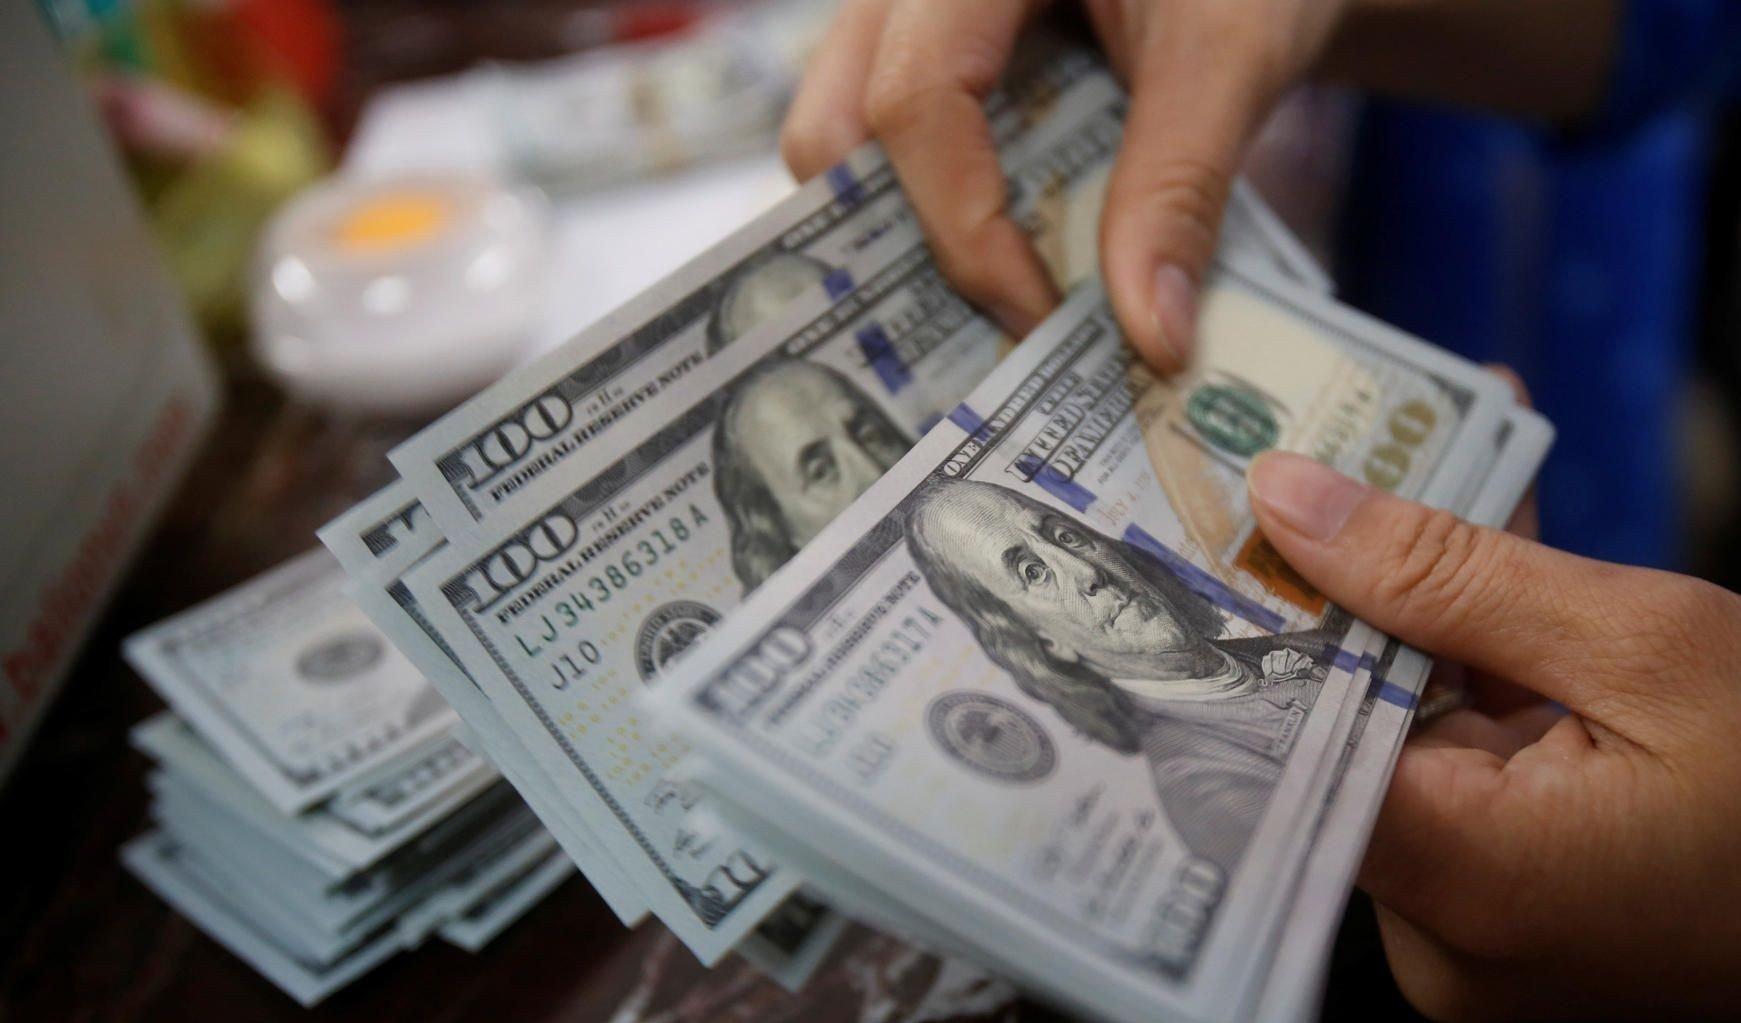 سعر الجنية المصري اليوم الإثنين 25 يناير 2021 أمام الدولار الأمريكي بالبنوك المصرية 2